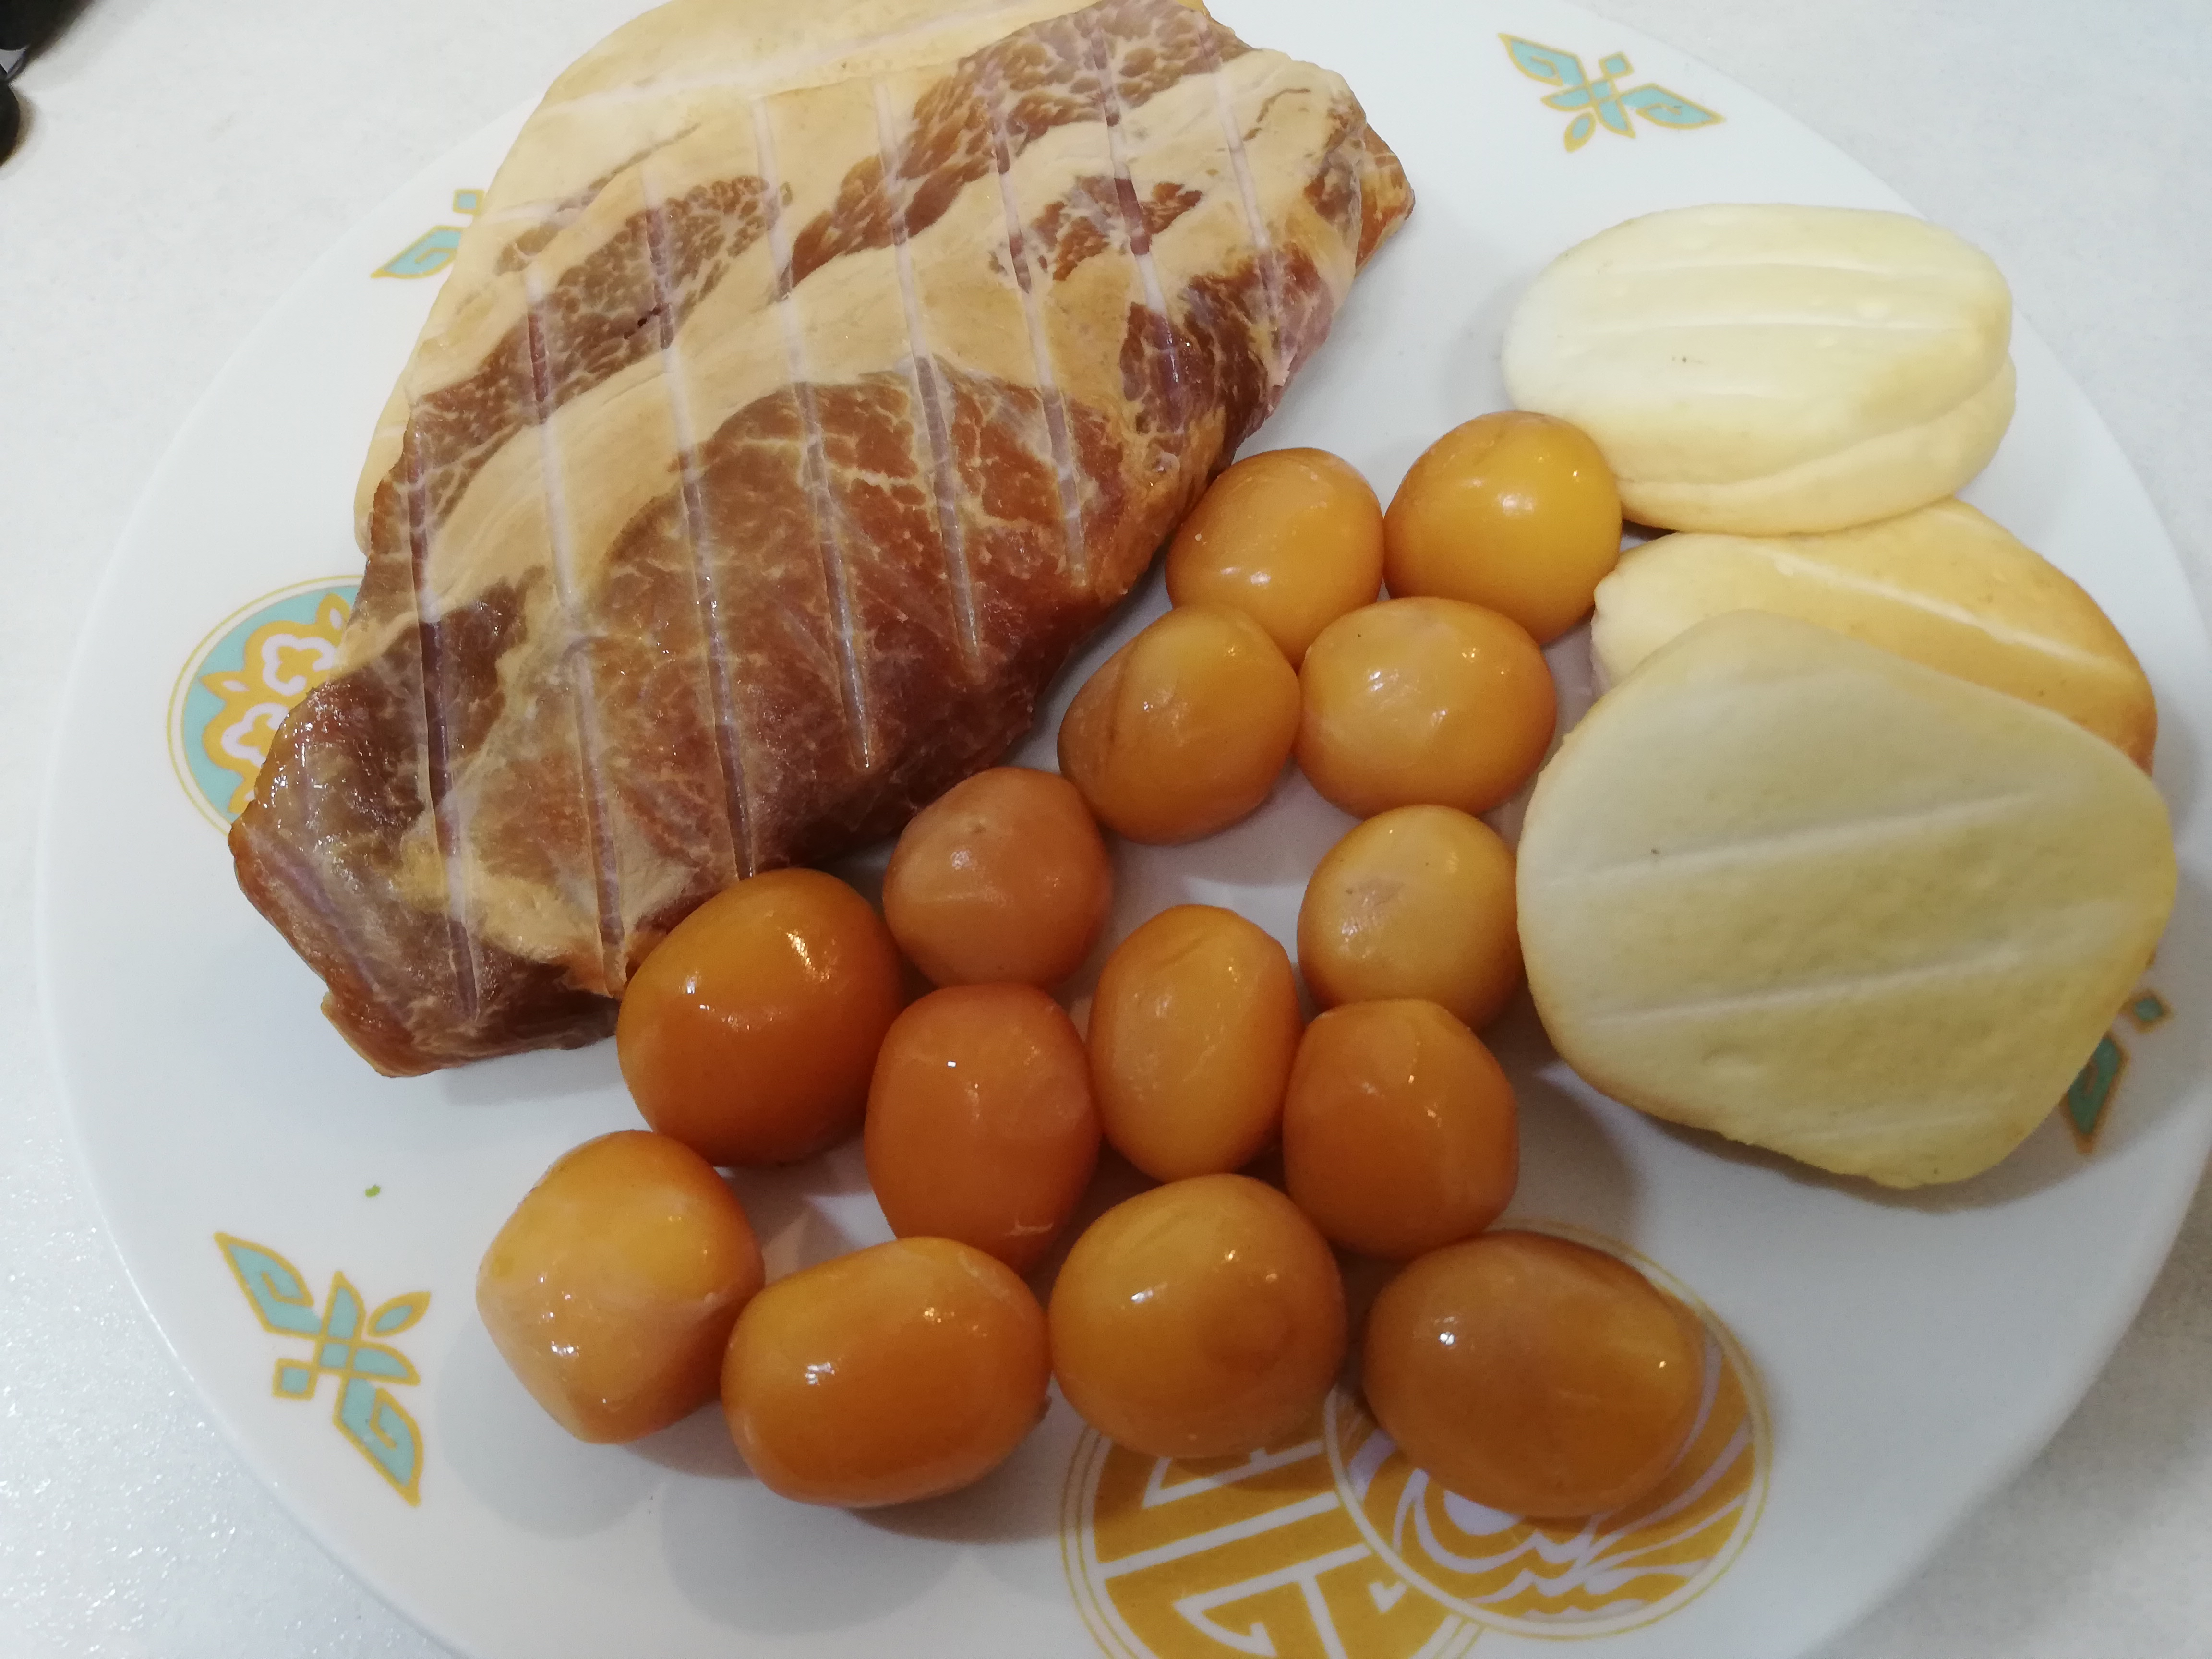 つまみ作りの幅が広がる 自宅で出来るスモーク料理